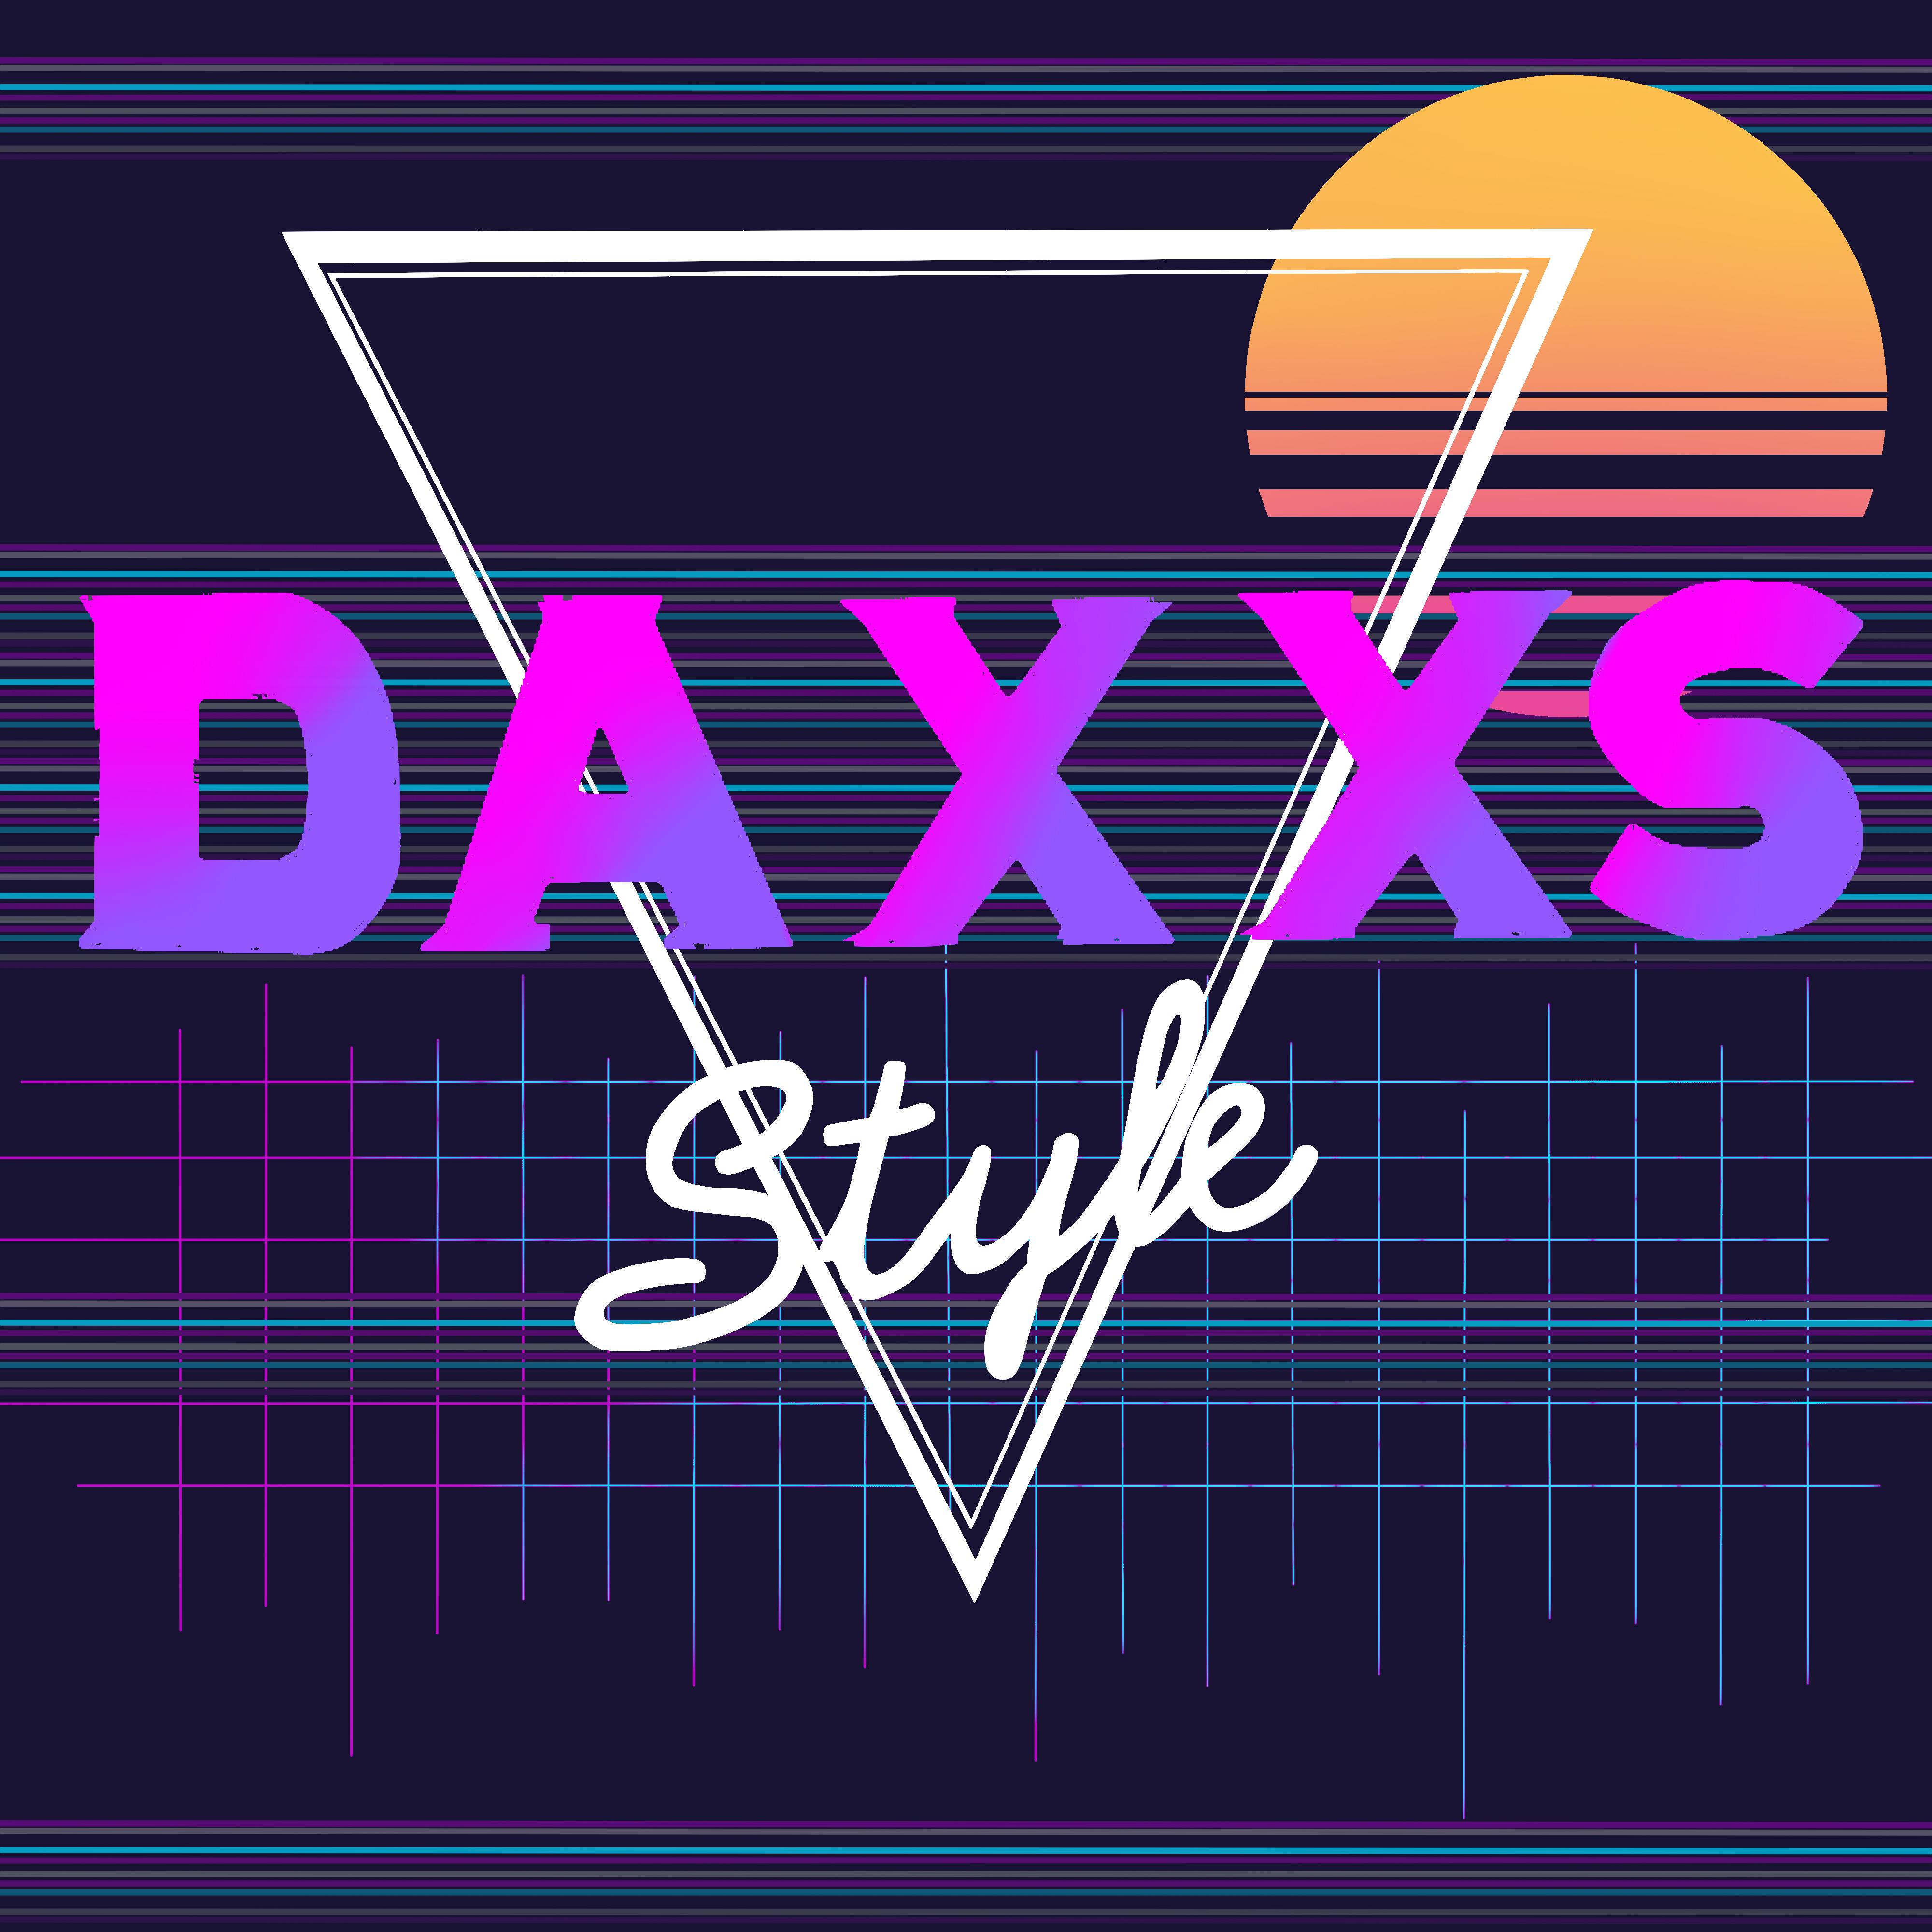 Daxxs 80's